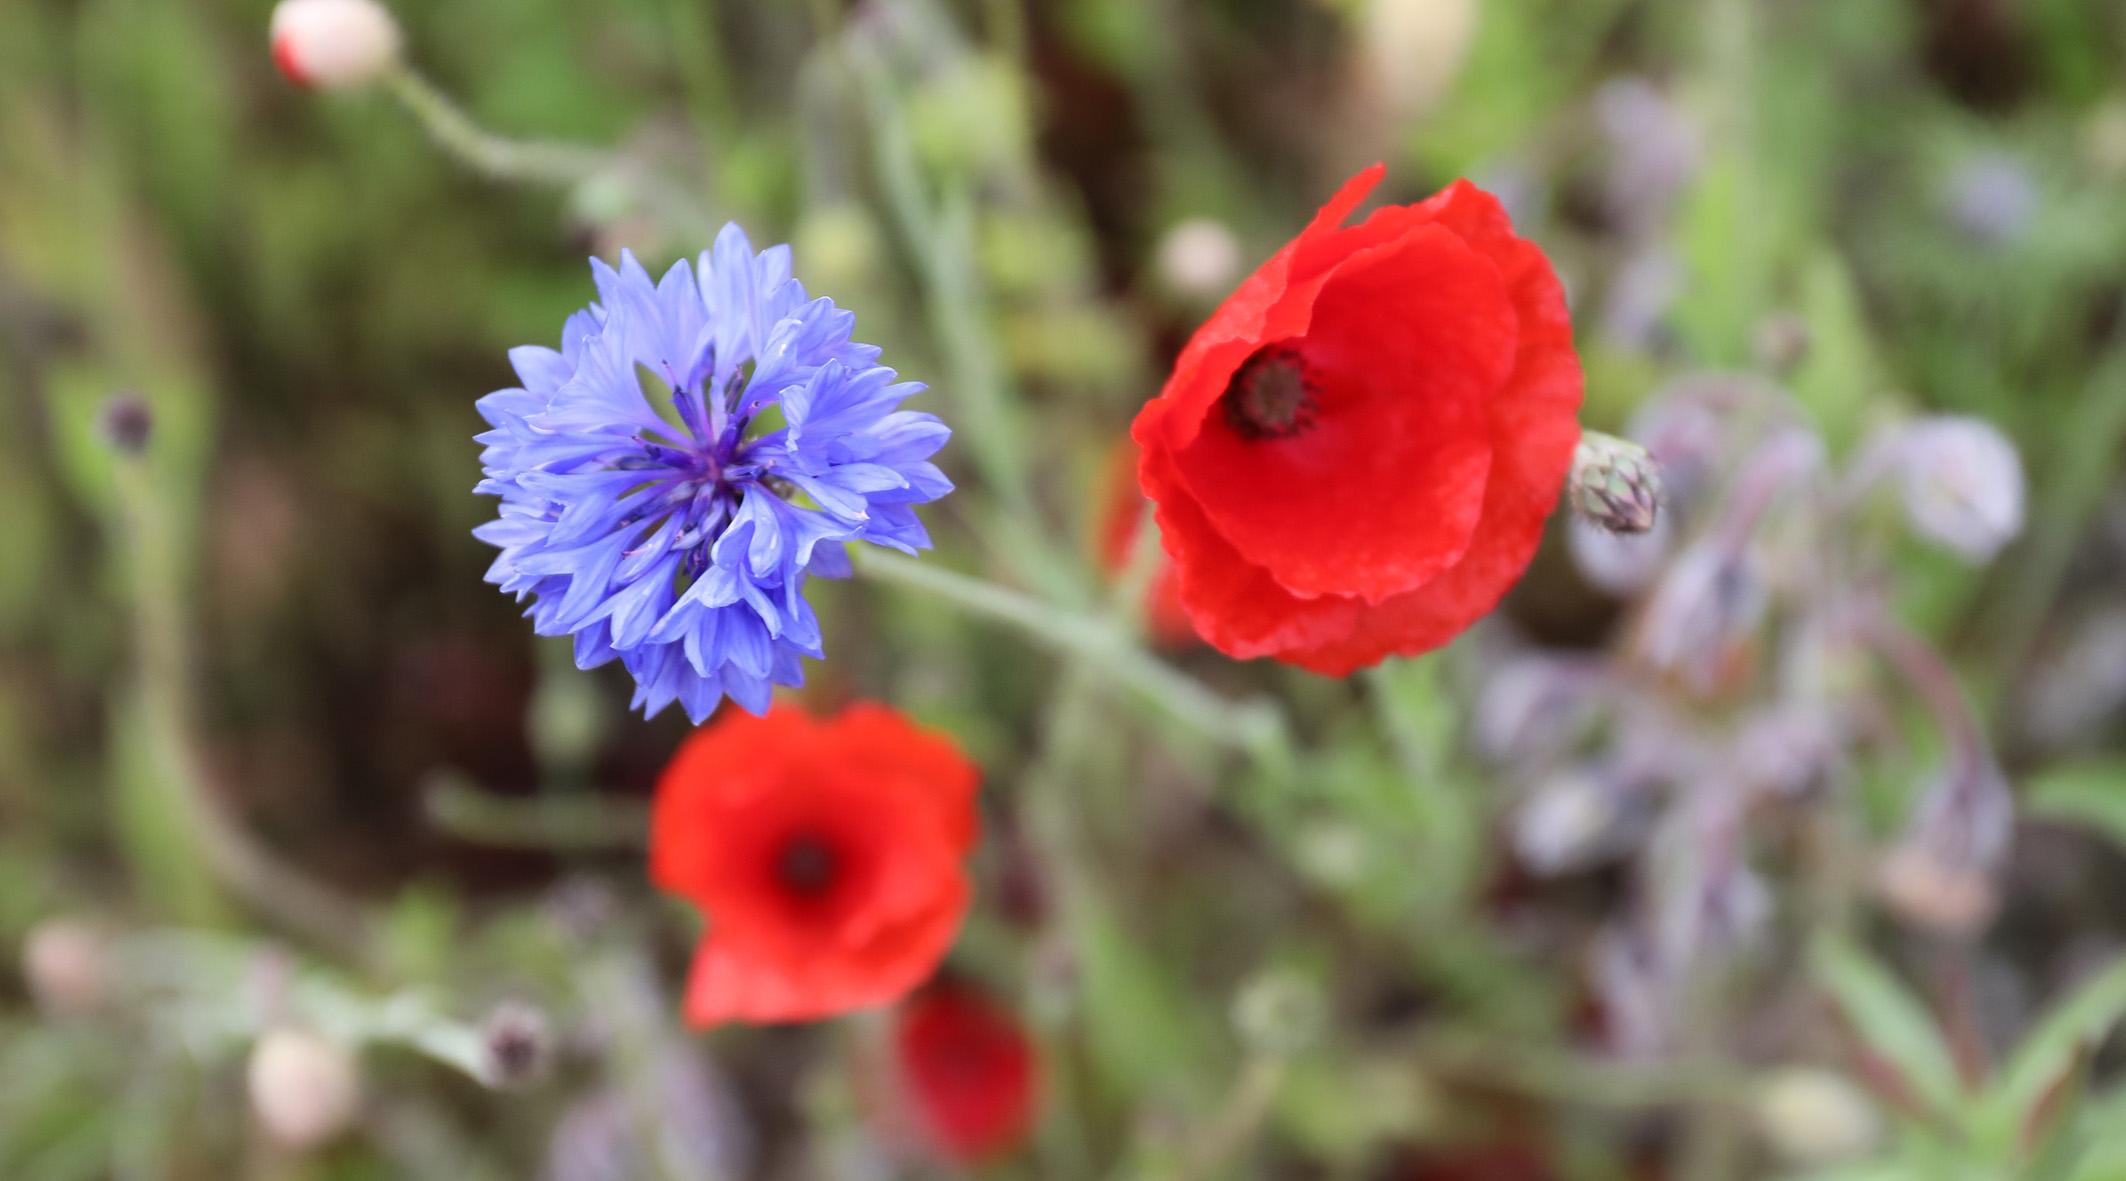 7I0A4001poppycornflower.jpg